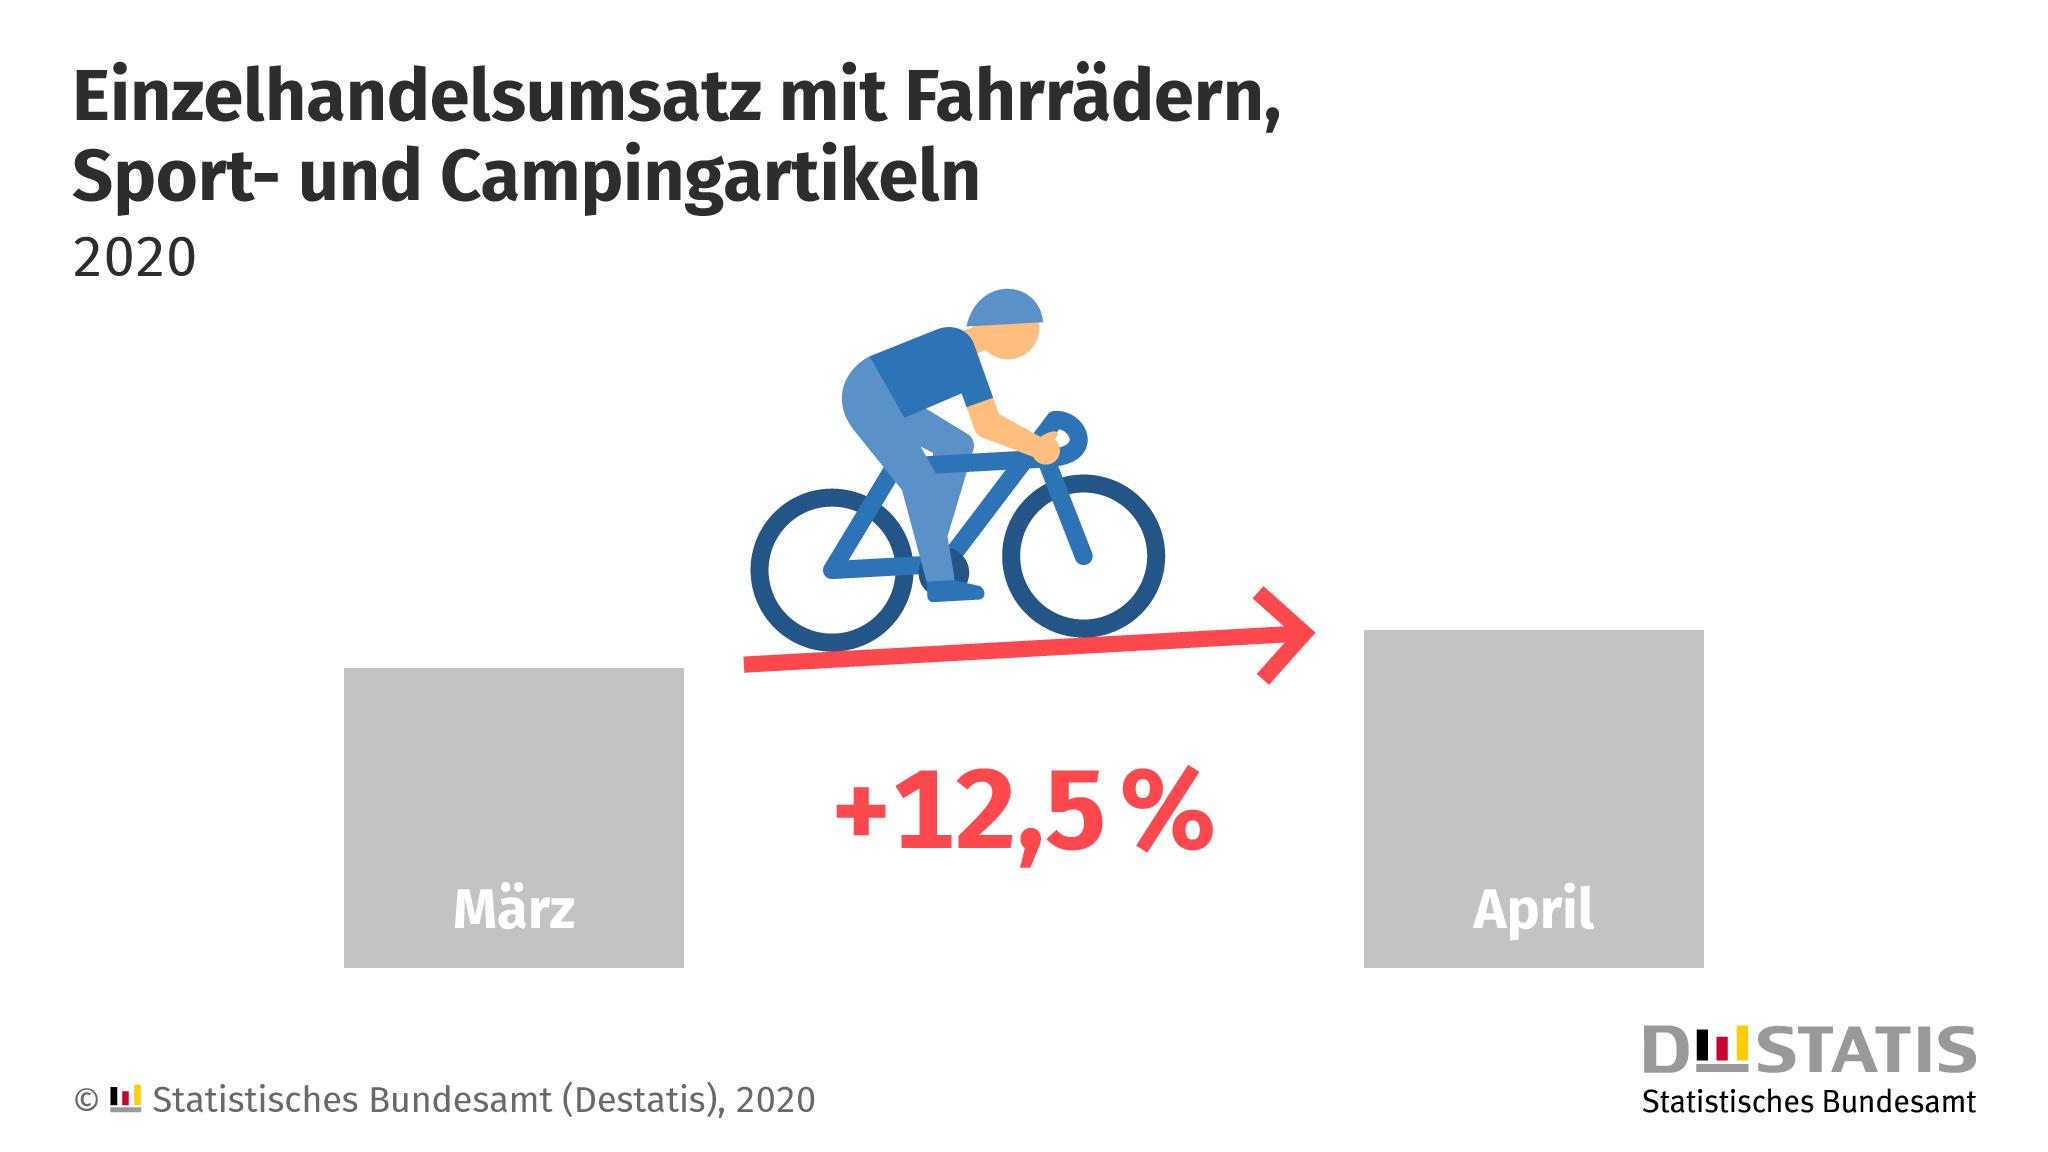 Einzelhandelsumsatz mit Fahrrädern, Sport- und Campingartikeln